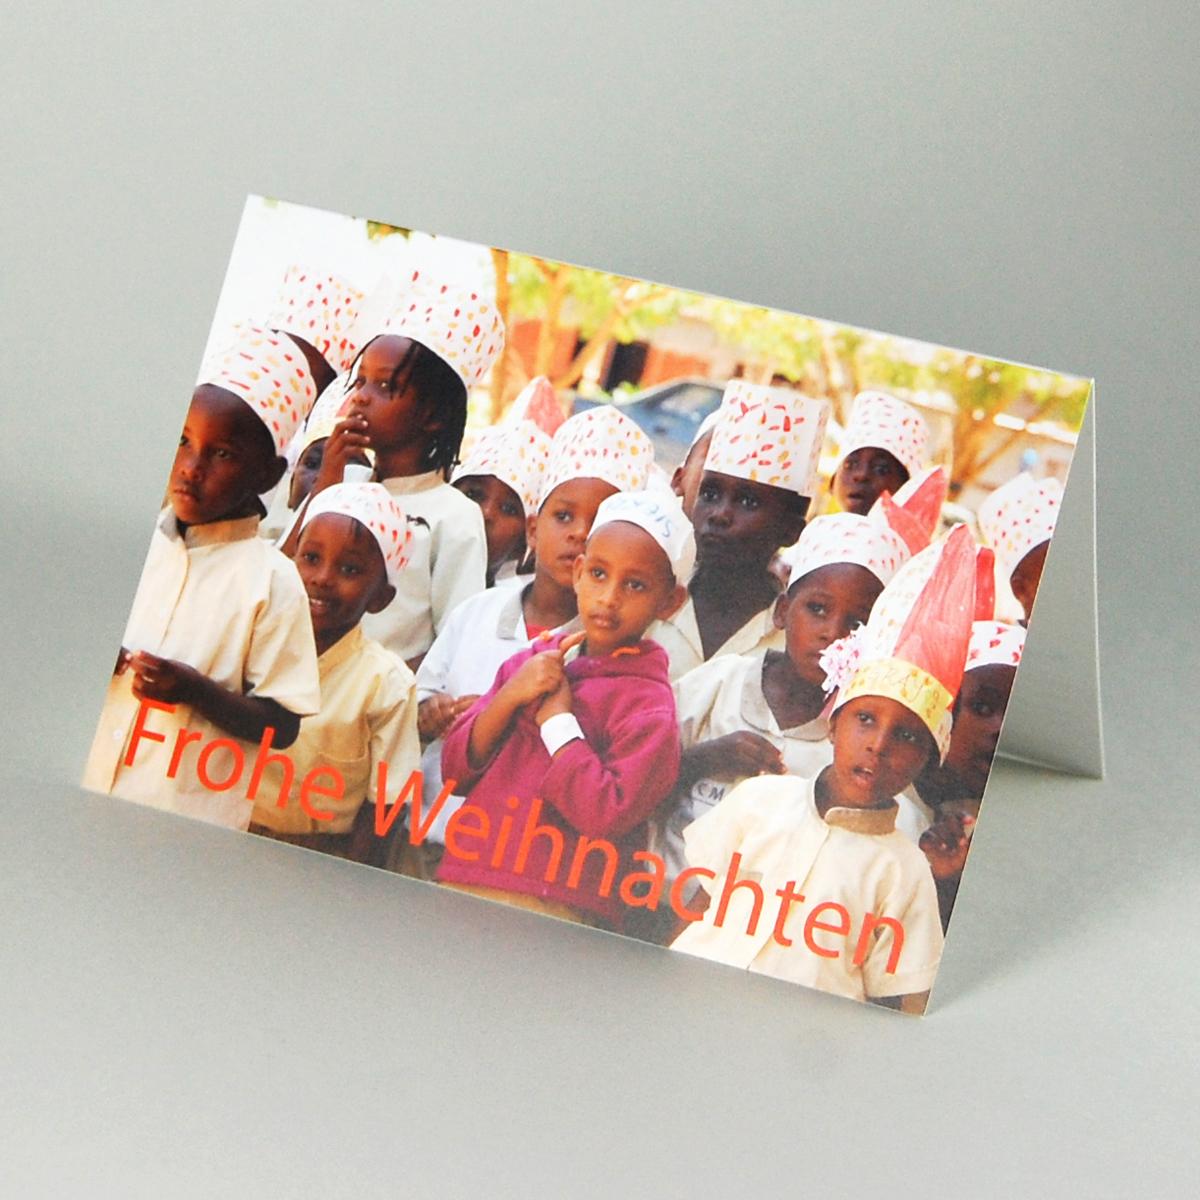 Weihnachtskarten Spende.Weihnachtskarte Mit Spende Warten Auf Den Weihnachtsmann